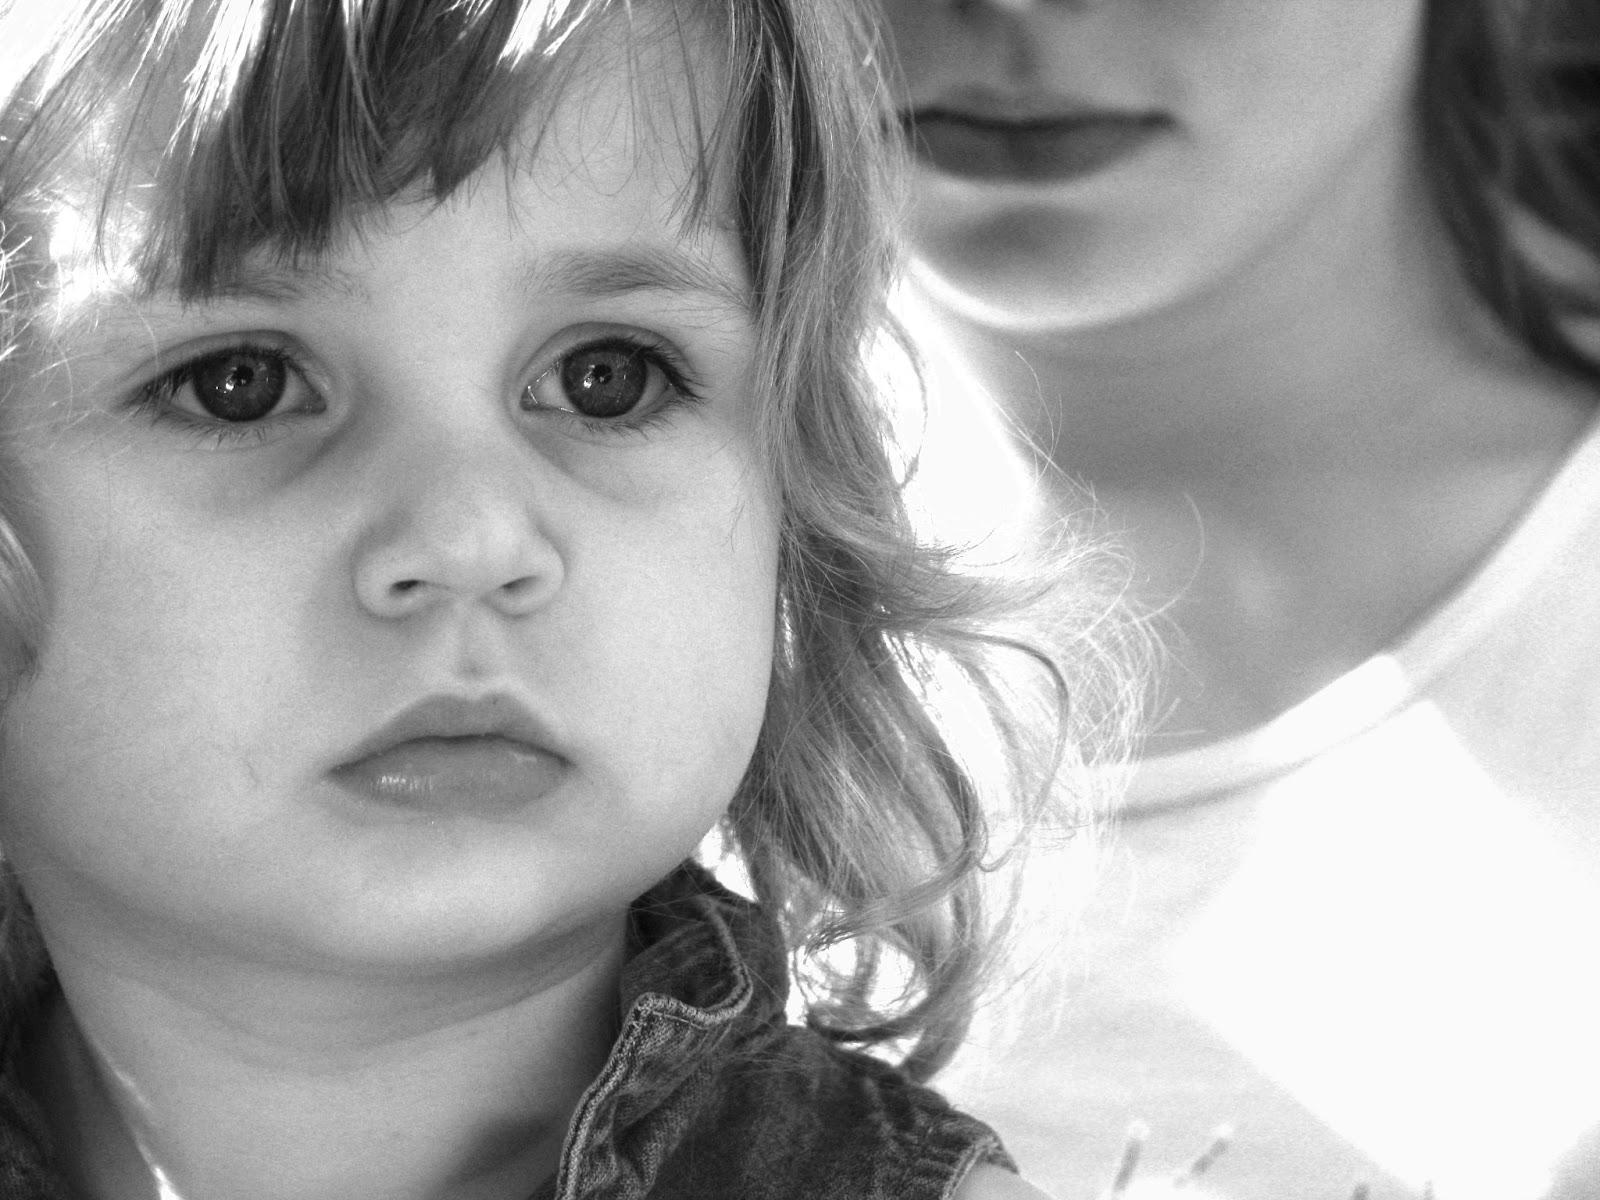 بالصور صور فتيات صغار حلوات , اجمل بنات قمرات 1032 7